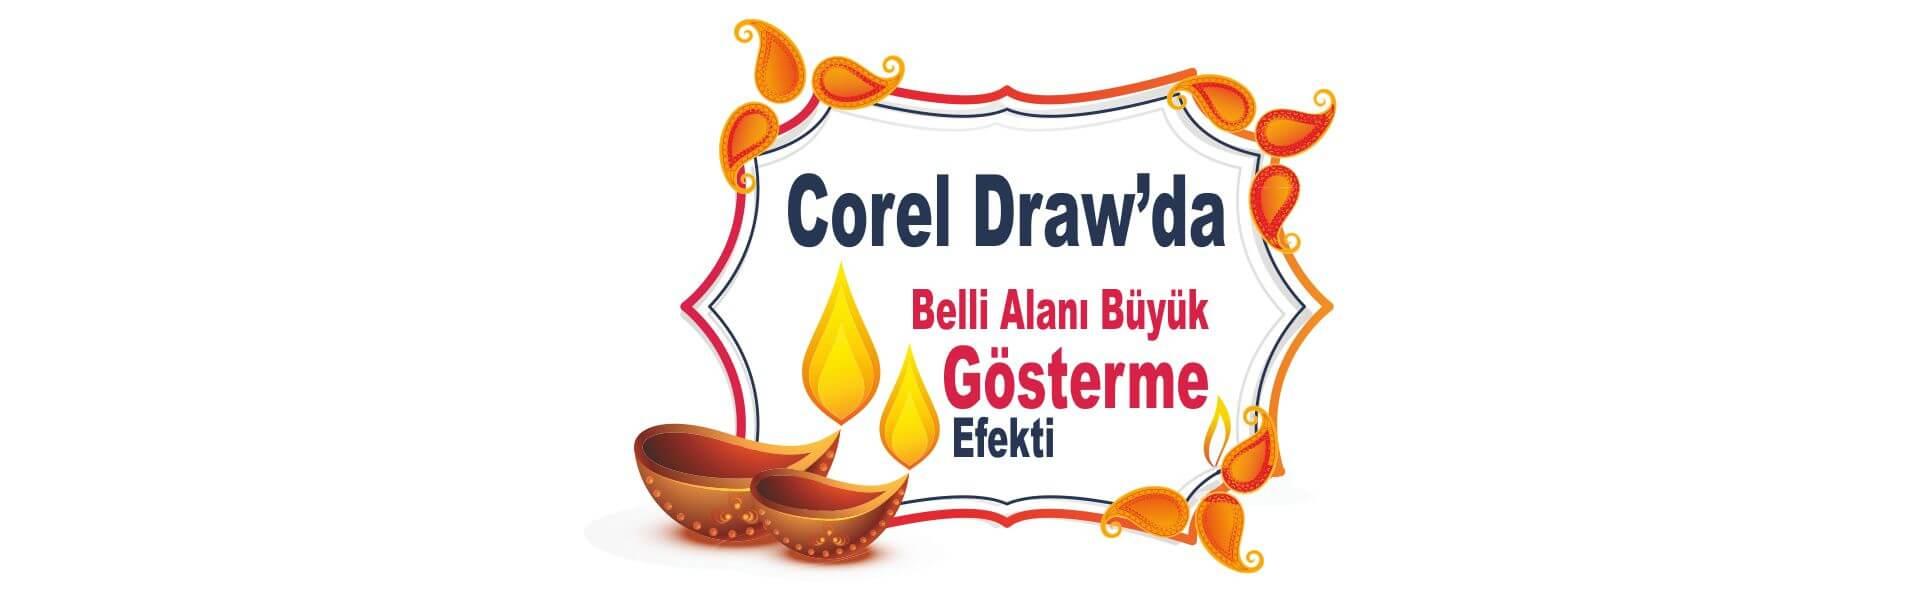 Photo of Corel Draw Belli Alanı Büyük Gösterme